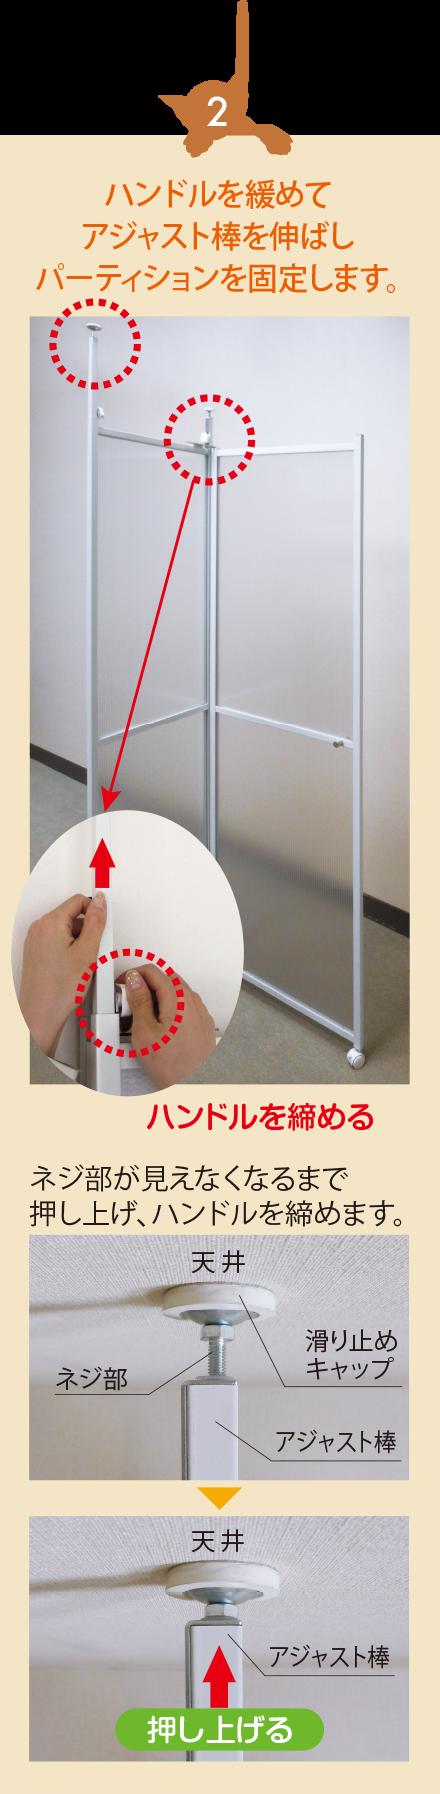 ハンドルを緩めてアジャスト棒を伸ばしパーティションを固定します。